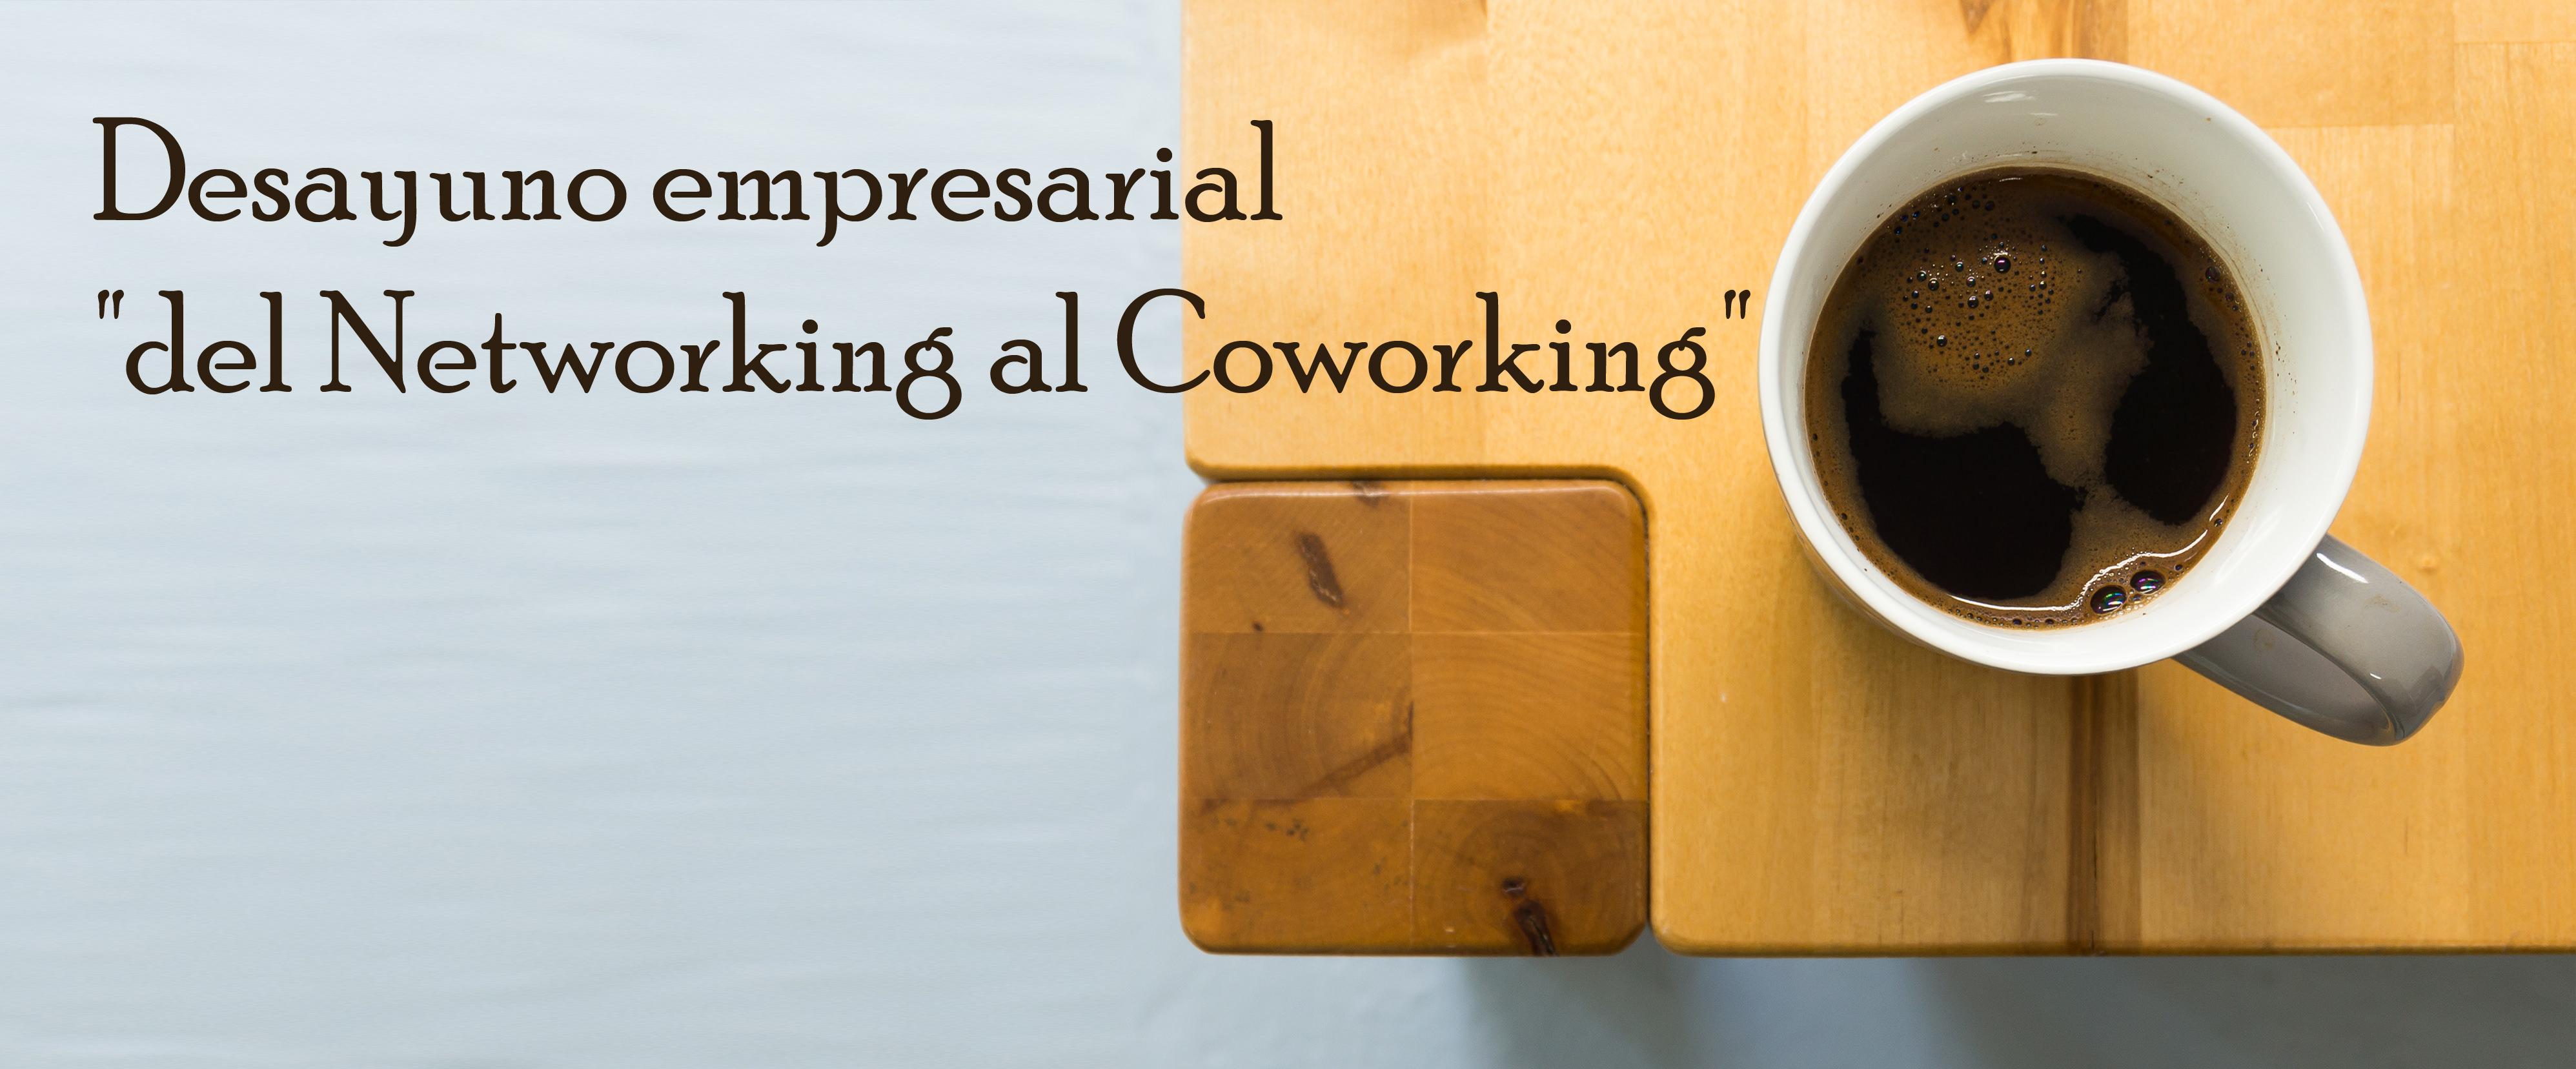 """Desayuno empresarial """"del Networking al Coworking"""""""